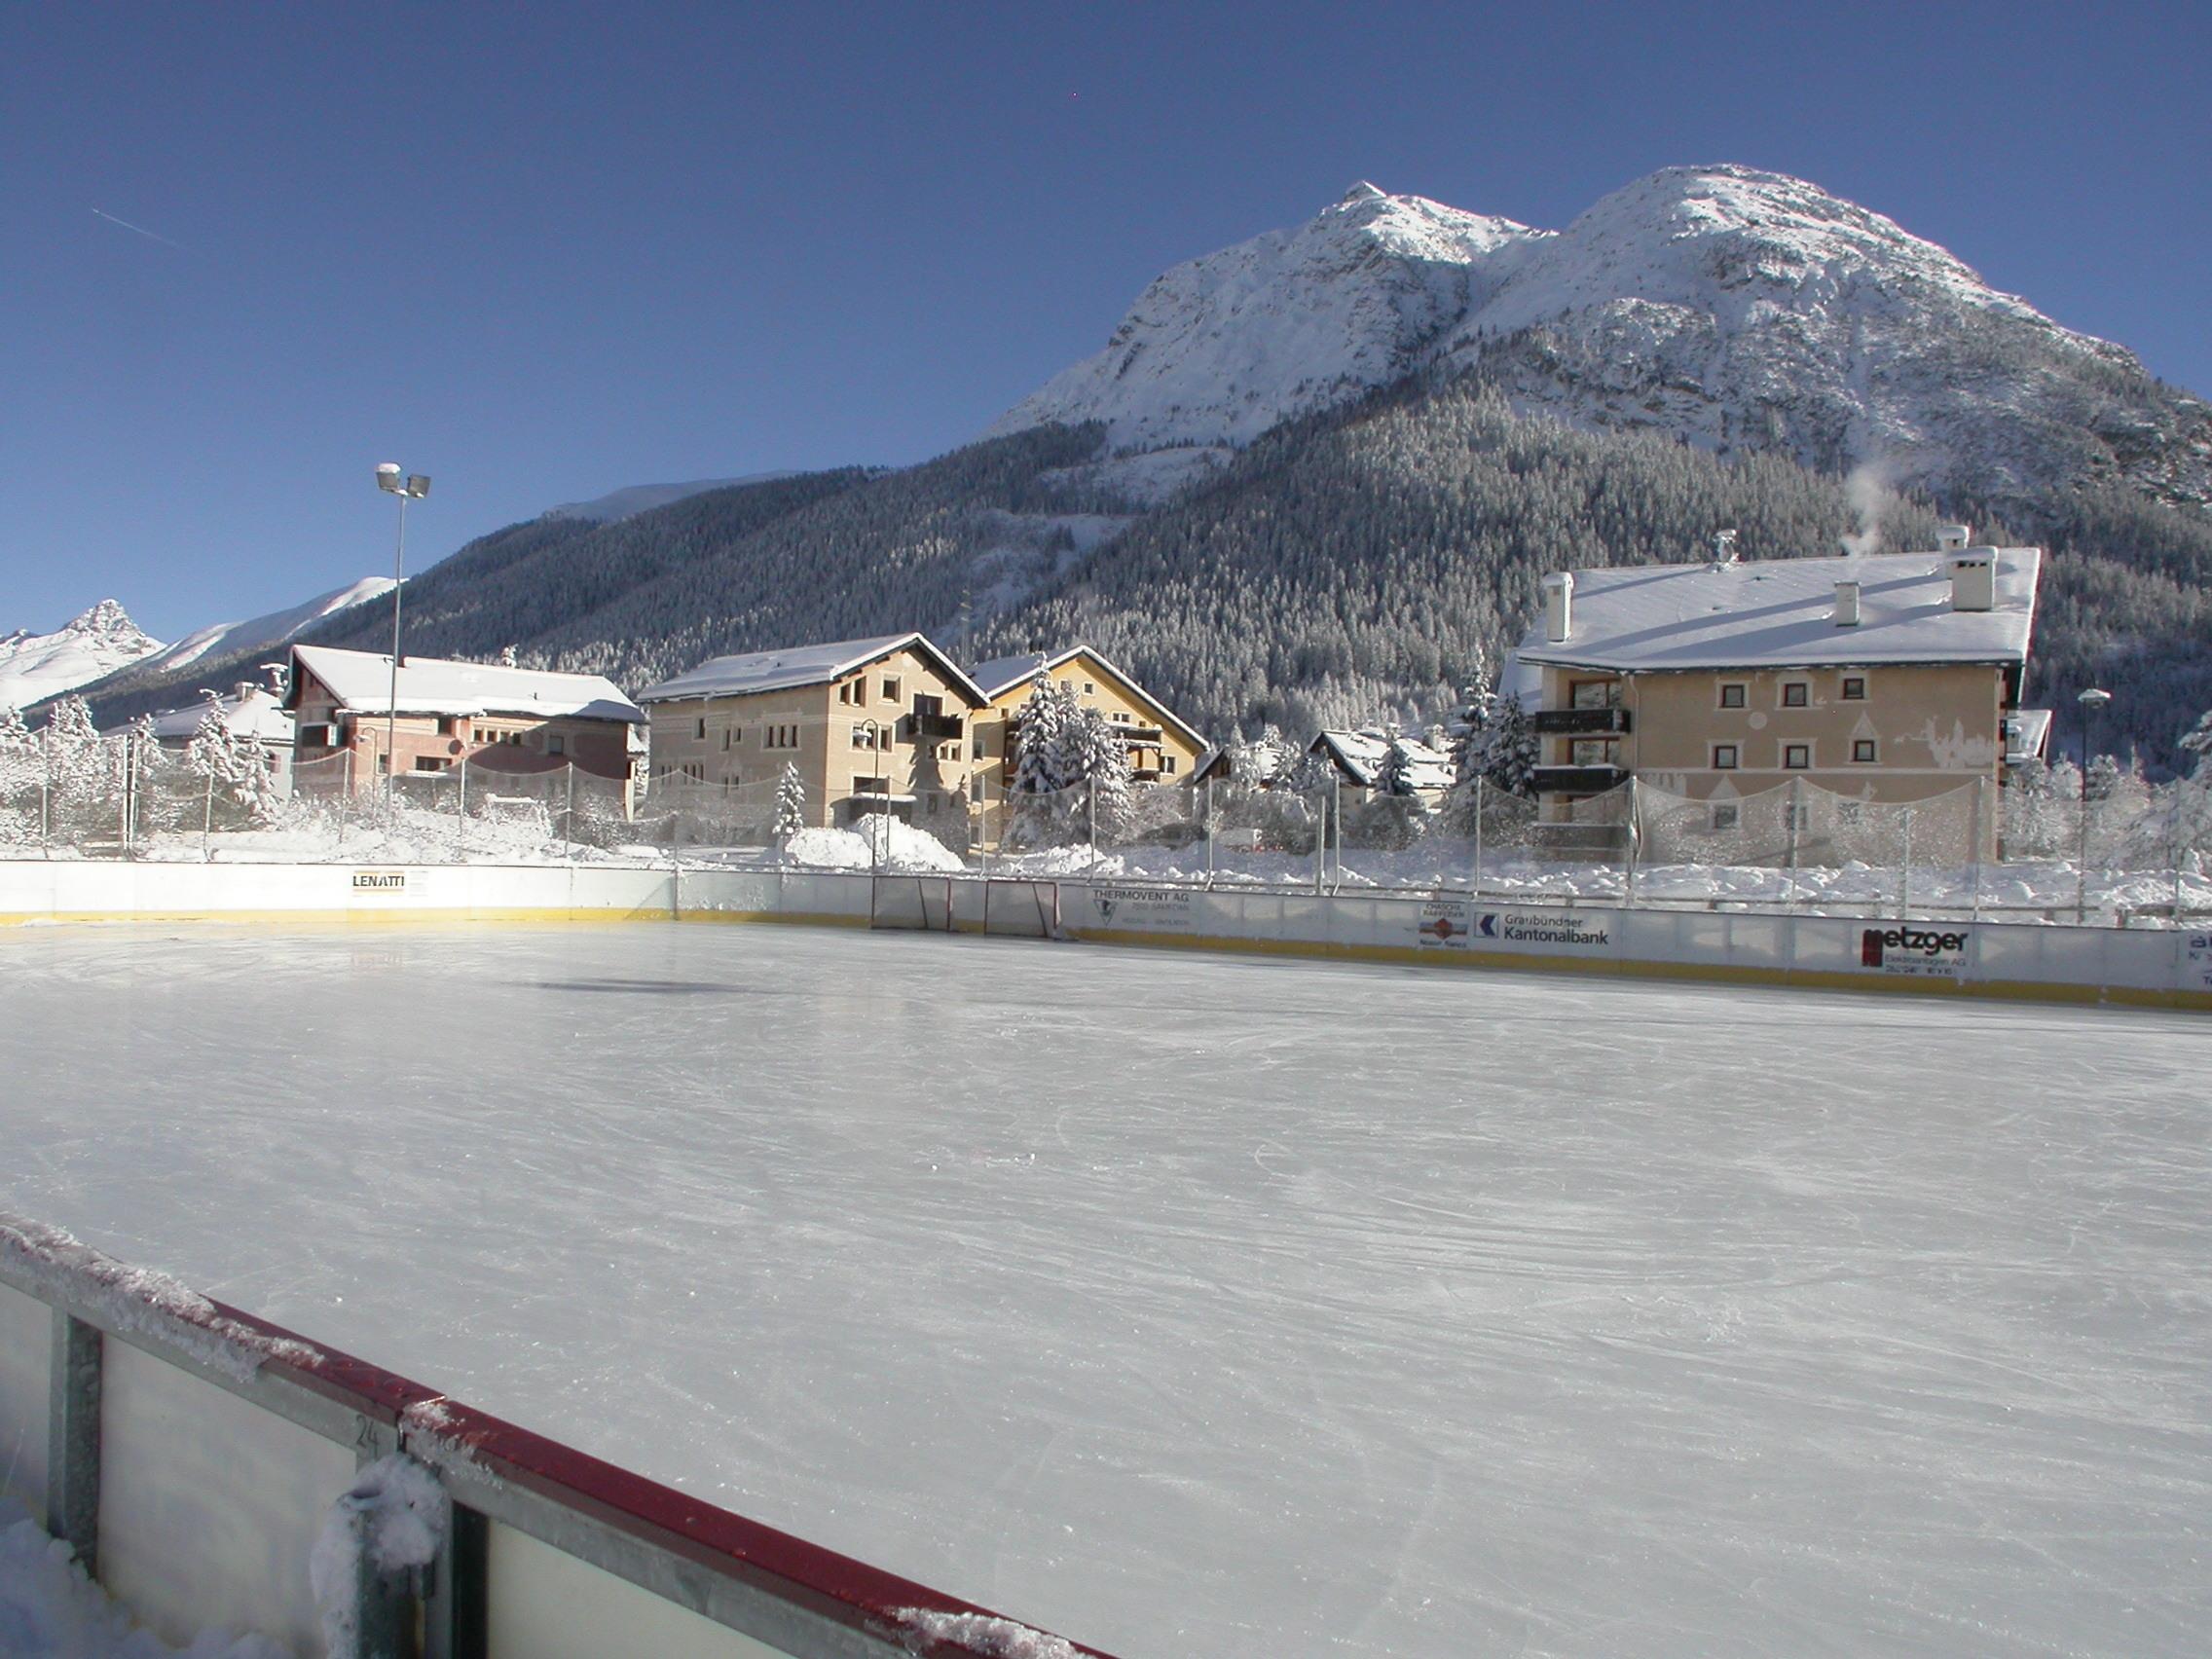 Eisplatz La Punt Slide 1